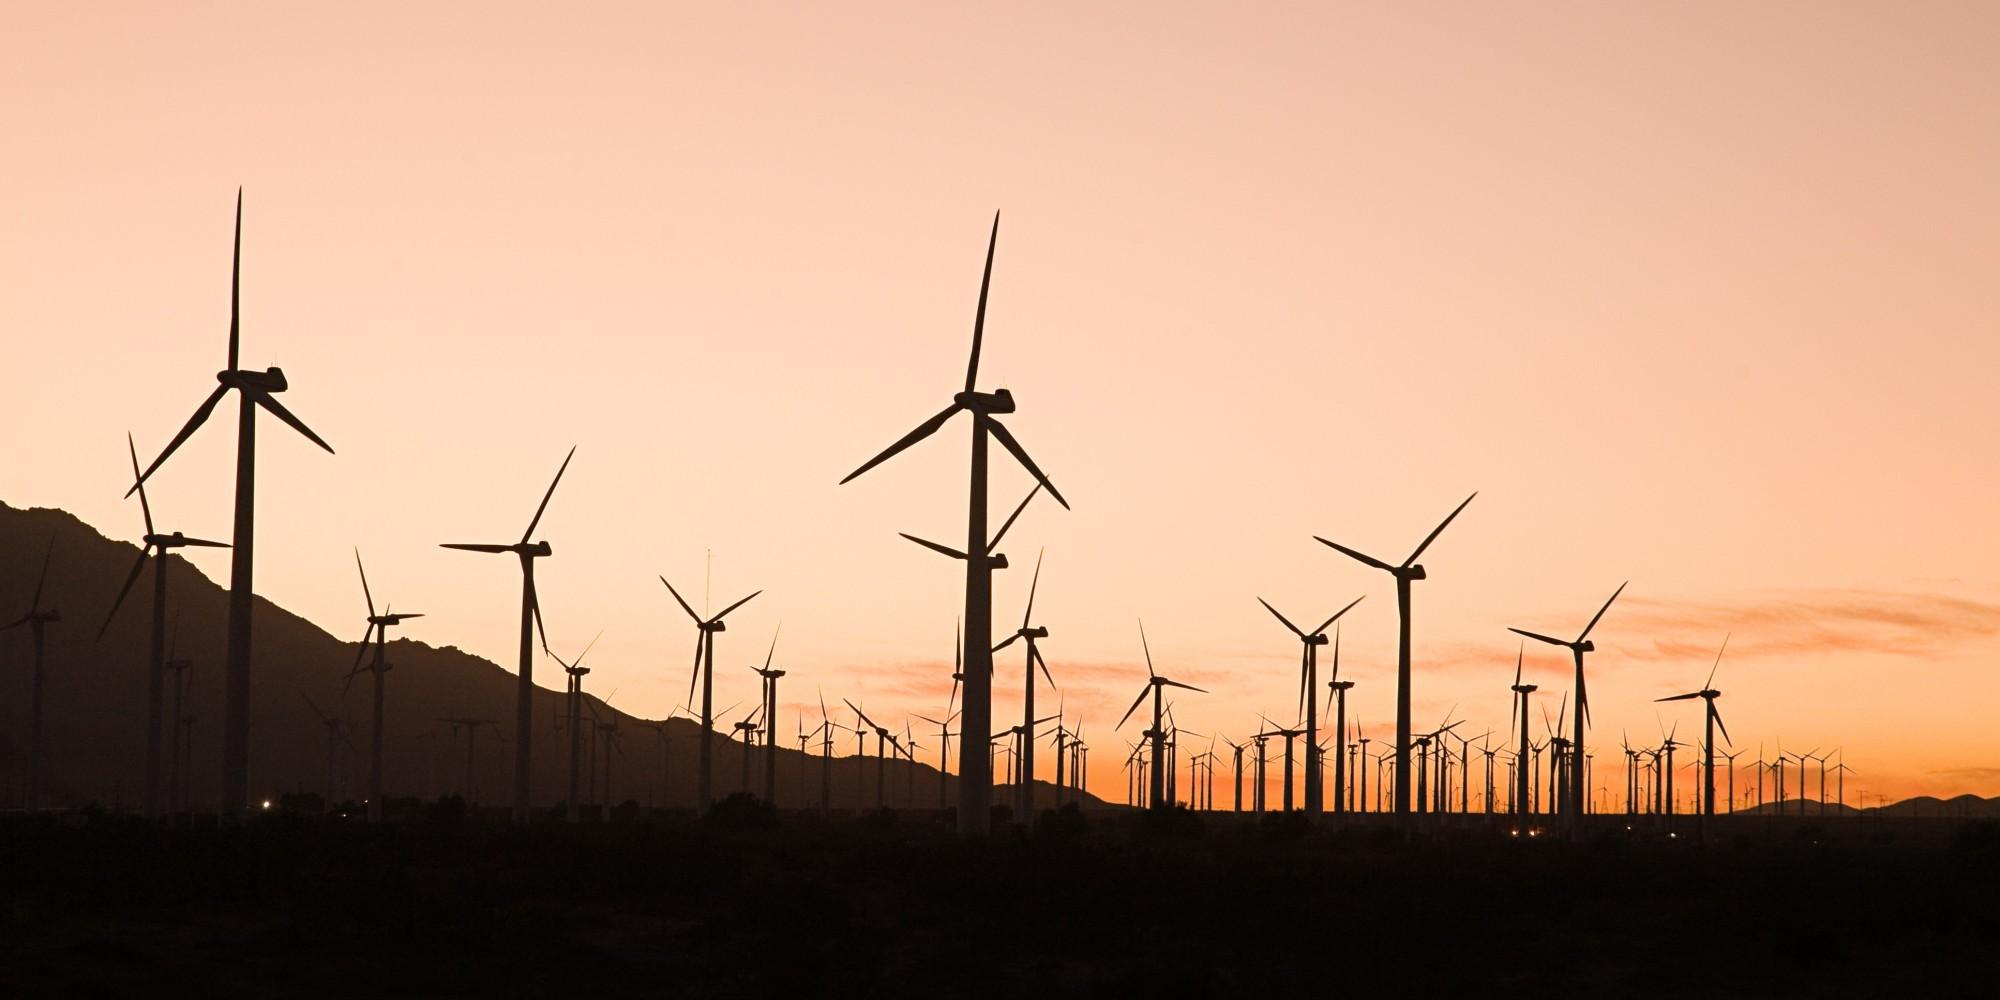 Wind Farms Flourish Across The U.S. As Interest In Renewable Energy Skyrockets